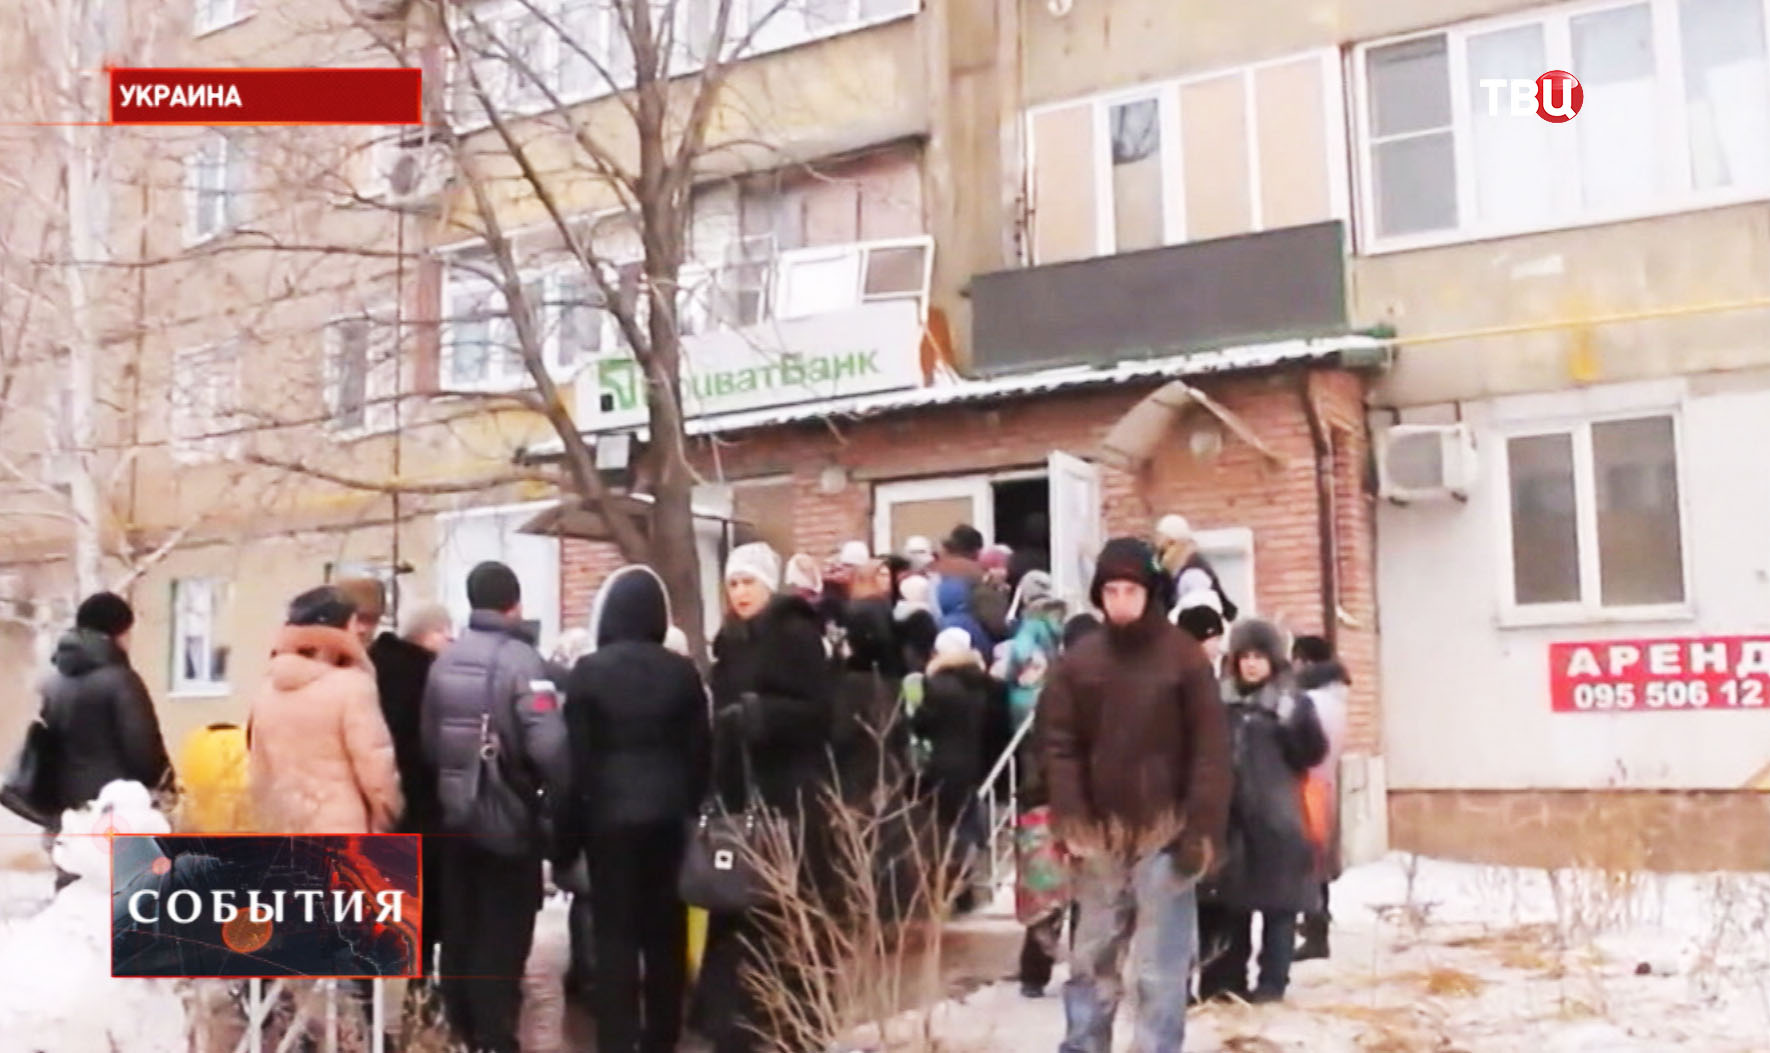 Очередь в банк в Донецкой области